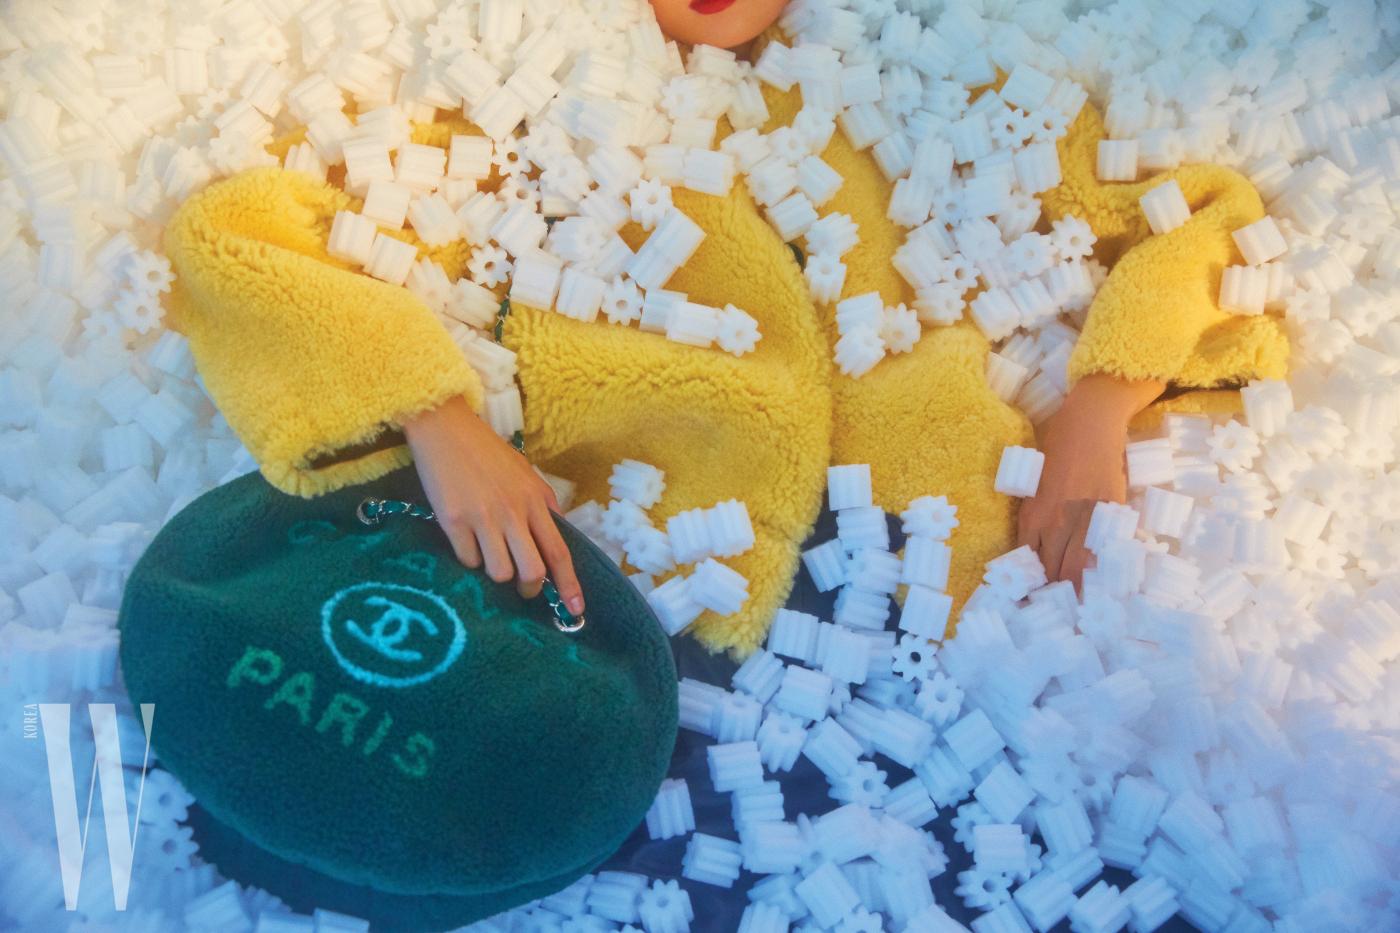 노란색 시어링 코트는 루이 비통 제품. 가격 미정. 양털이 짧게 깎인 소재의 원형 로고 백은 샤넬 제품. 8백53만원.